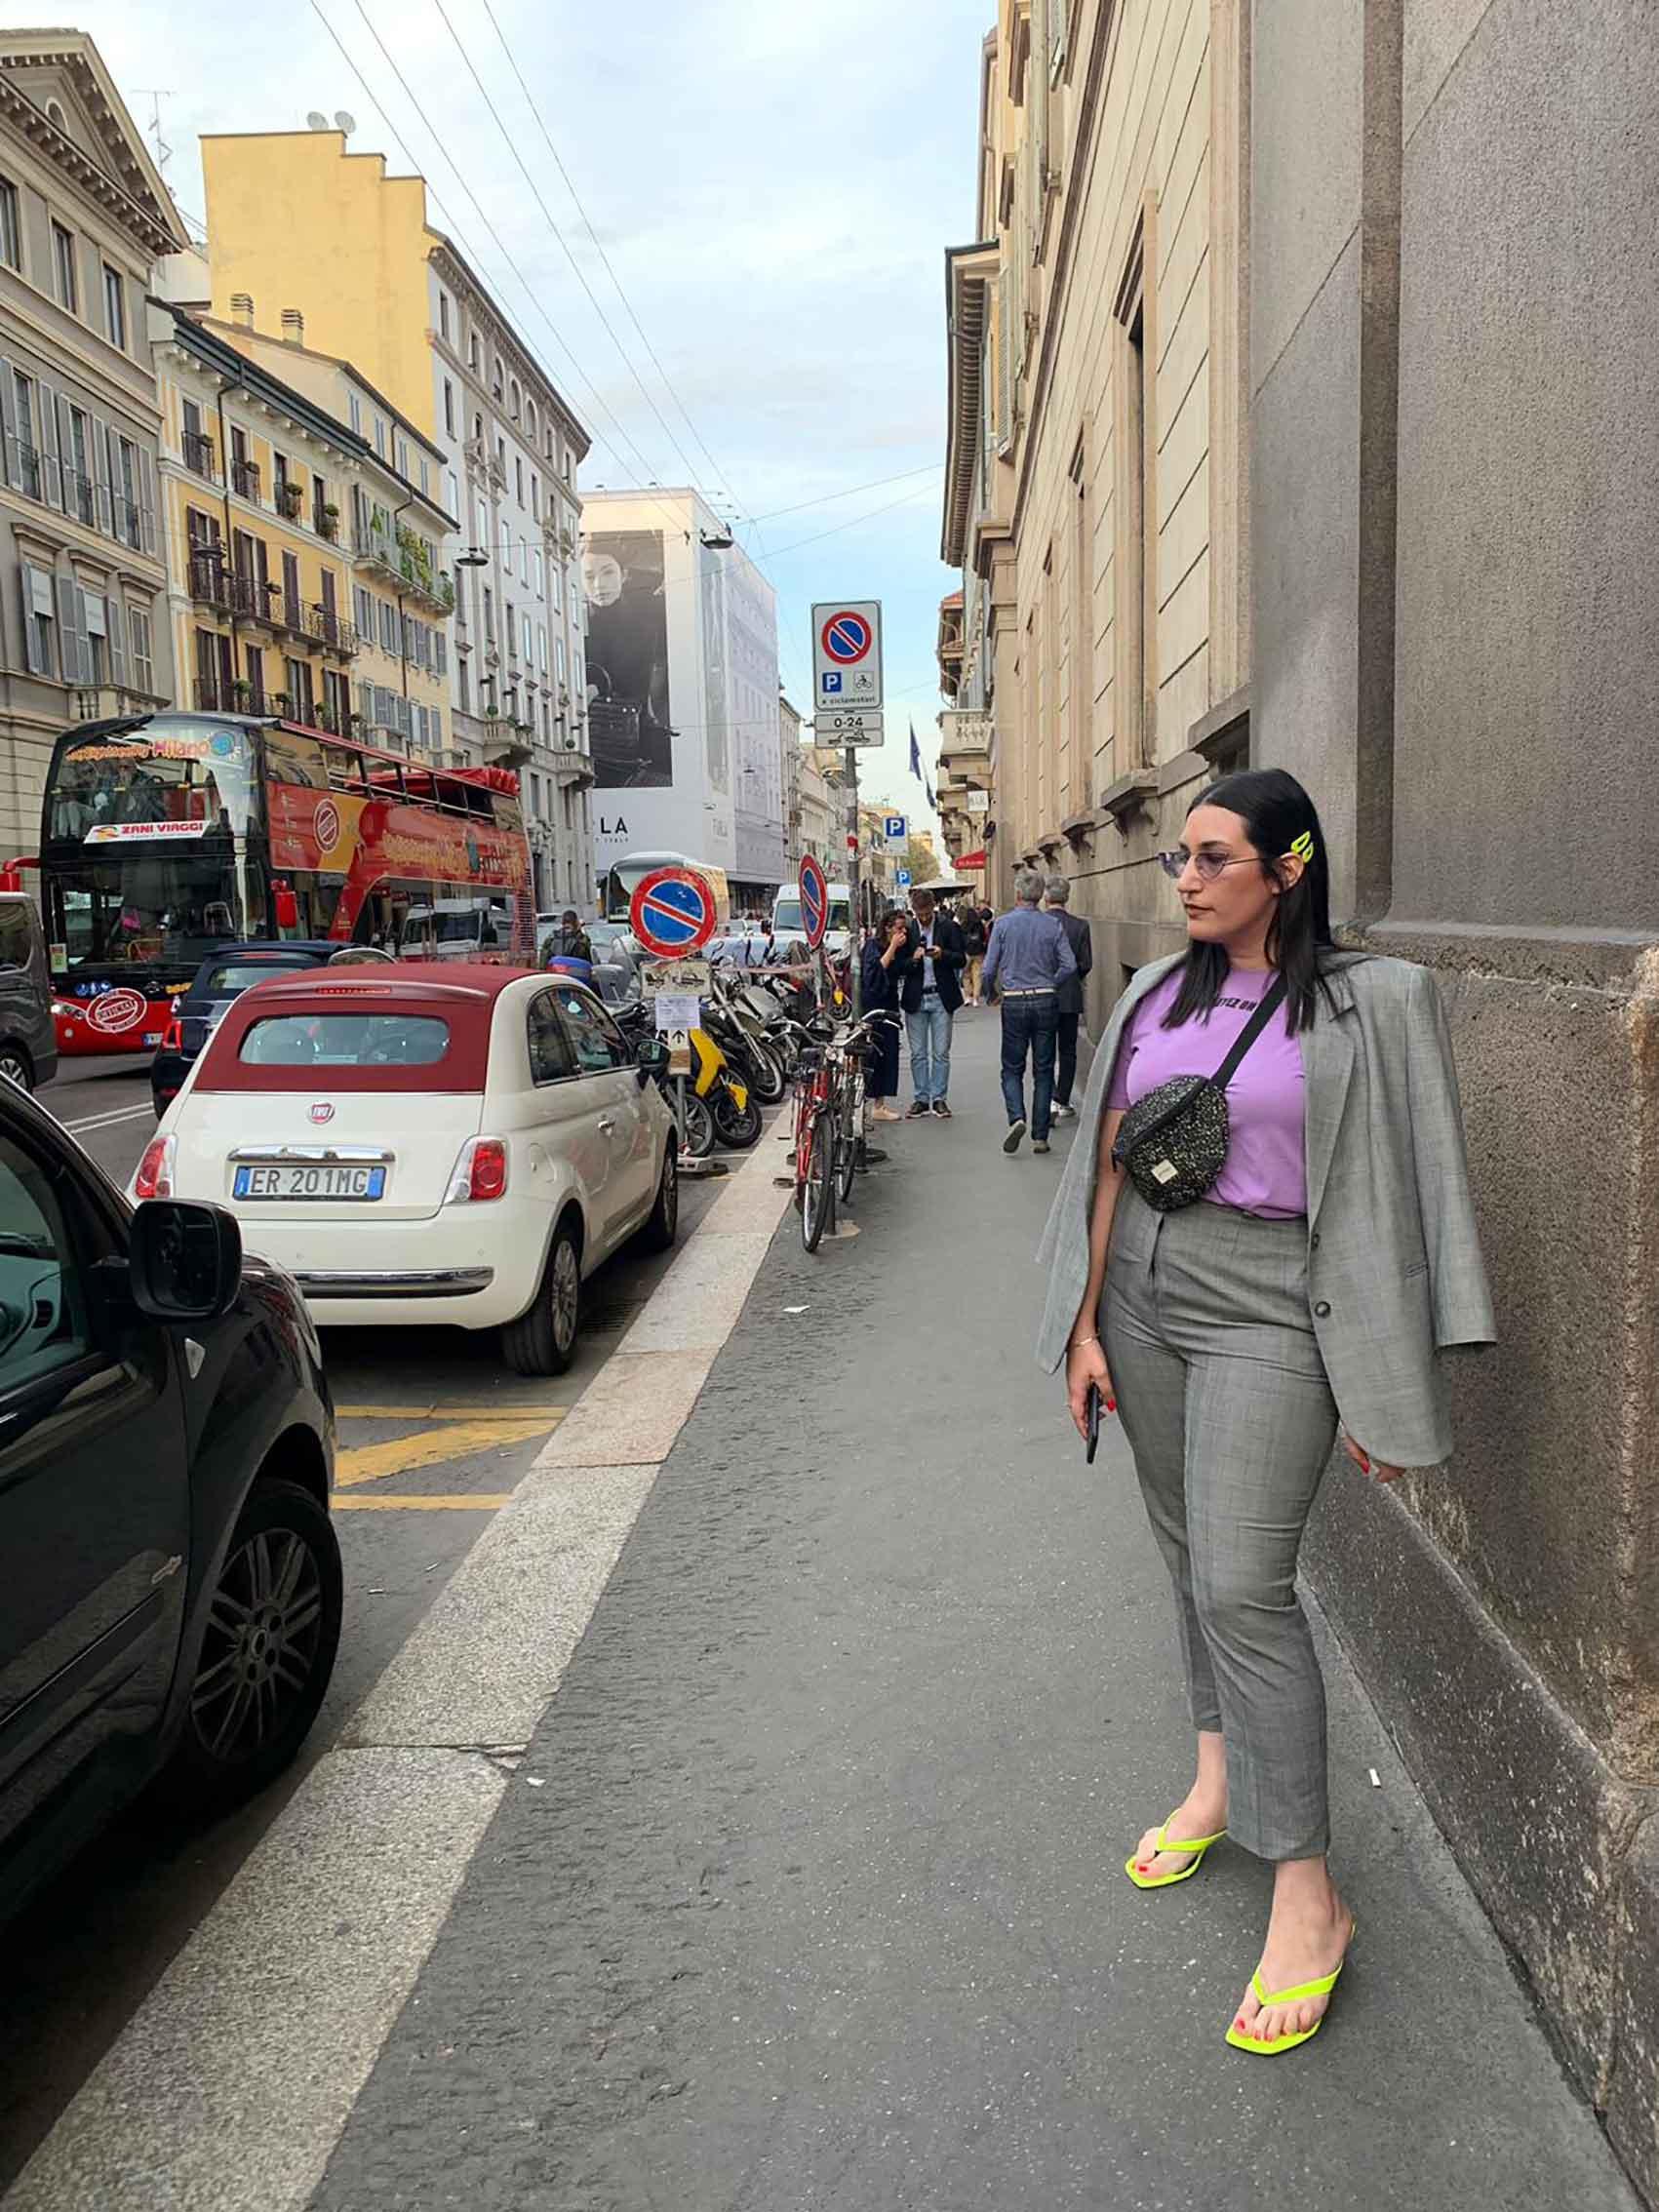 אופנה-גרורות-אפרת-יתח-ויצו-חיפה-מגזין-אופנה